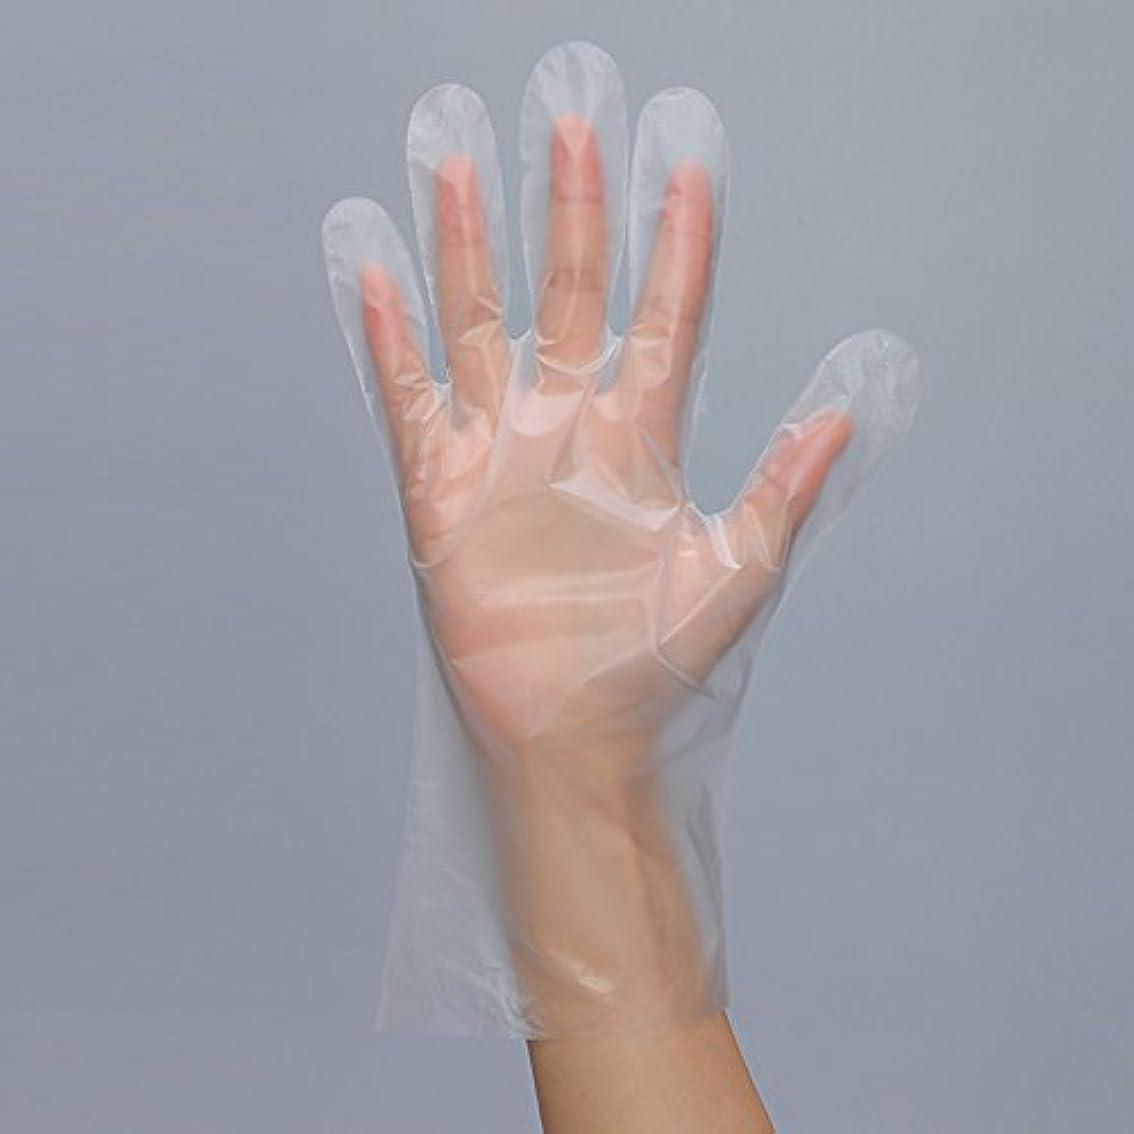 玉ボールテクトニック使い捨て手袋 透明 食事 キッチン 調理 美容用 衛生 20/100枚入  (100枚入(薄型))